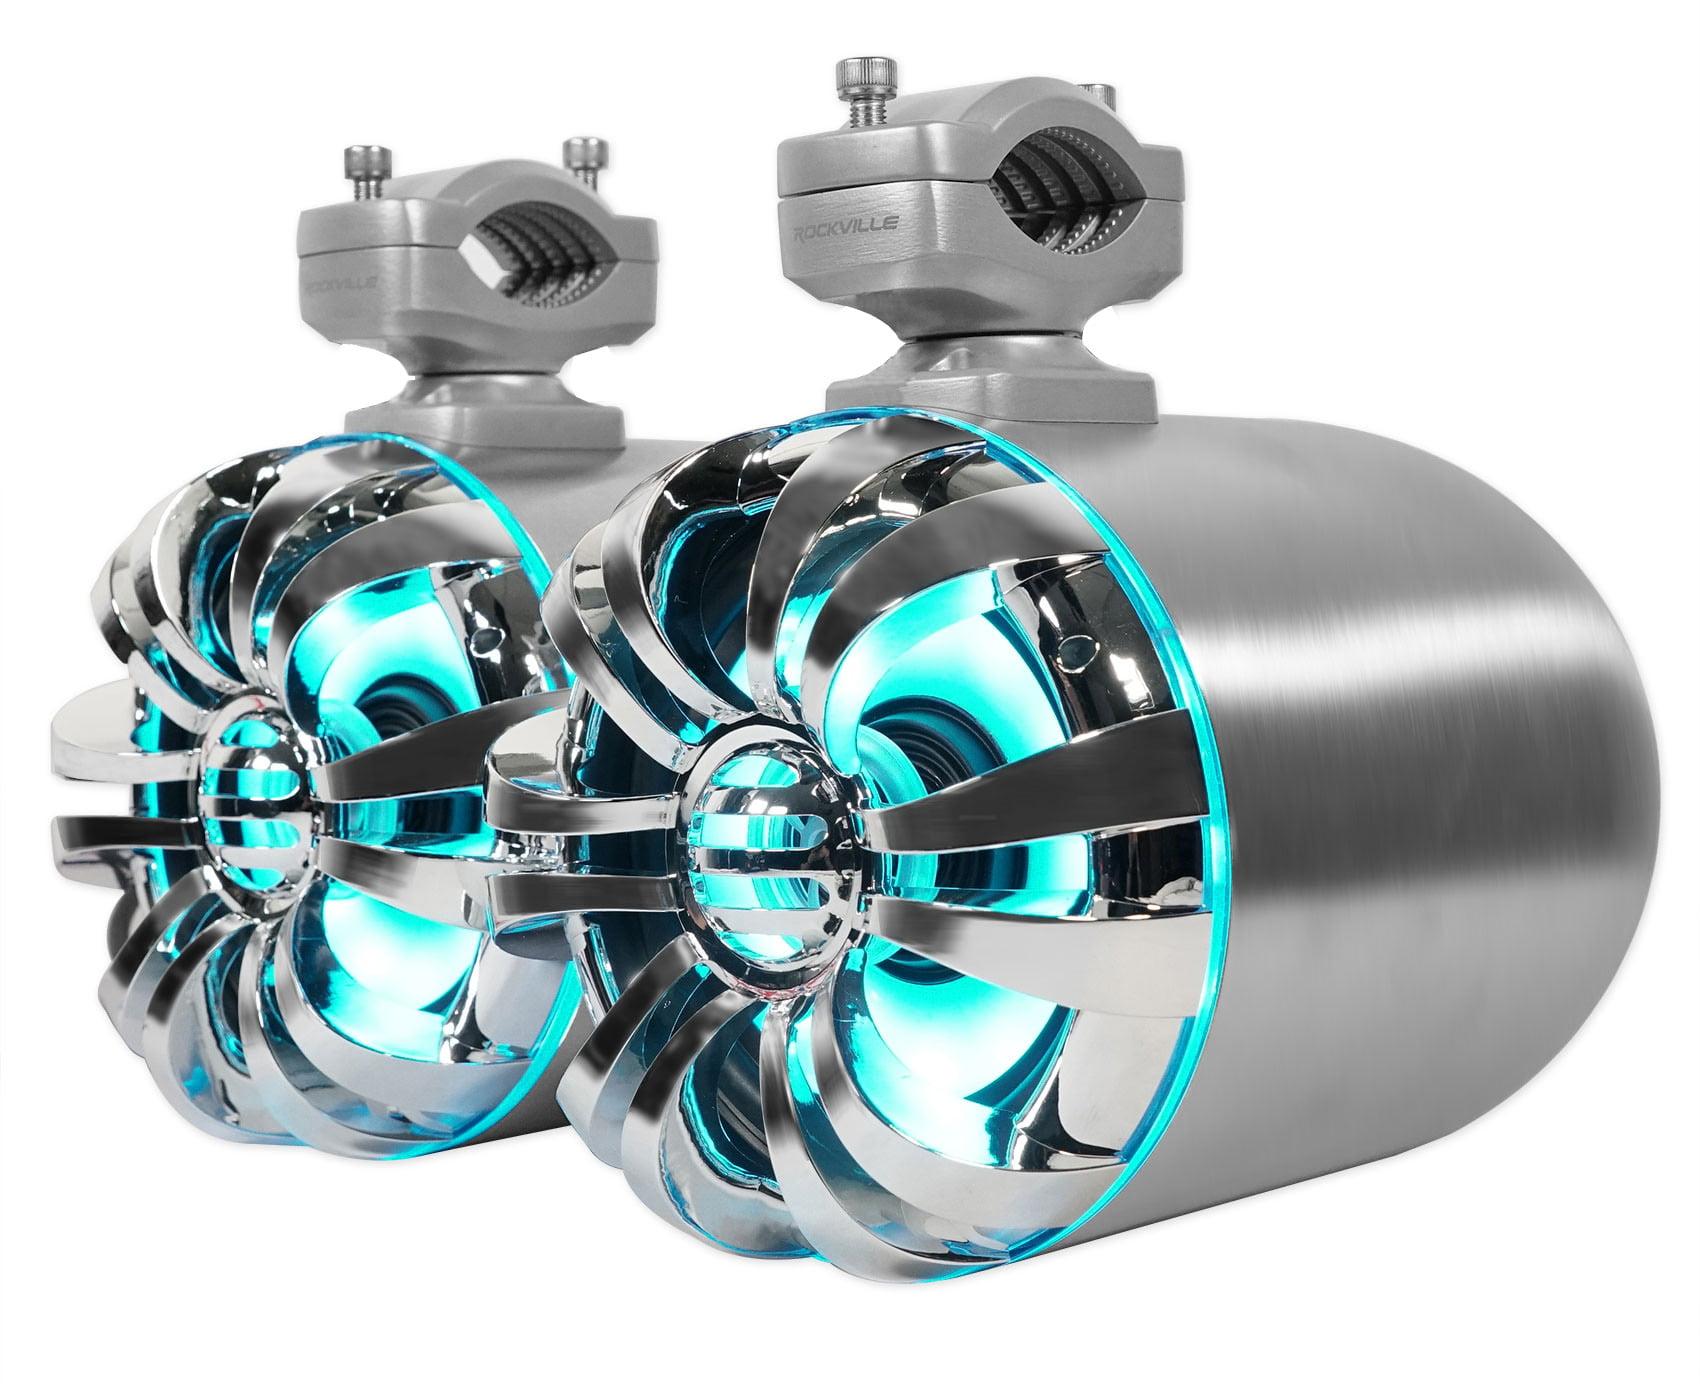 Rockville WB65KLED 6.5 600w LED Swivel Tower Speakers For RZR//ATV//UTV//Cart 2